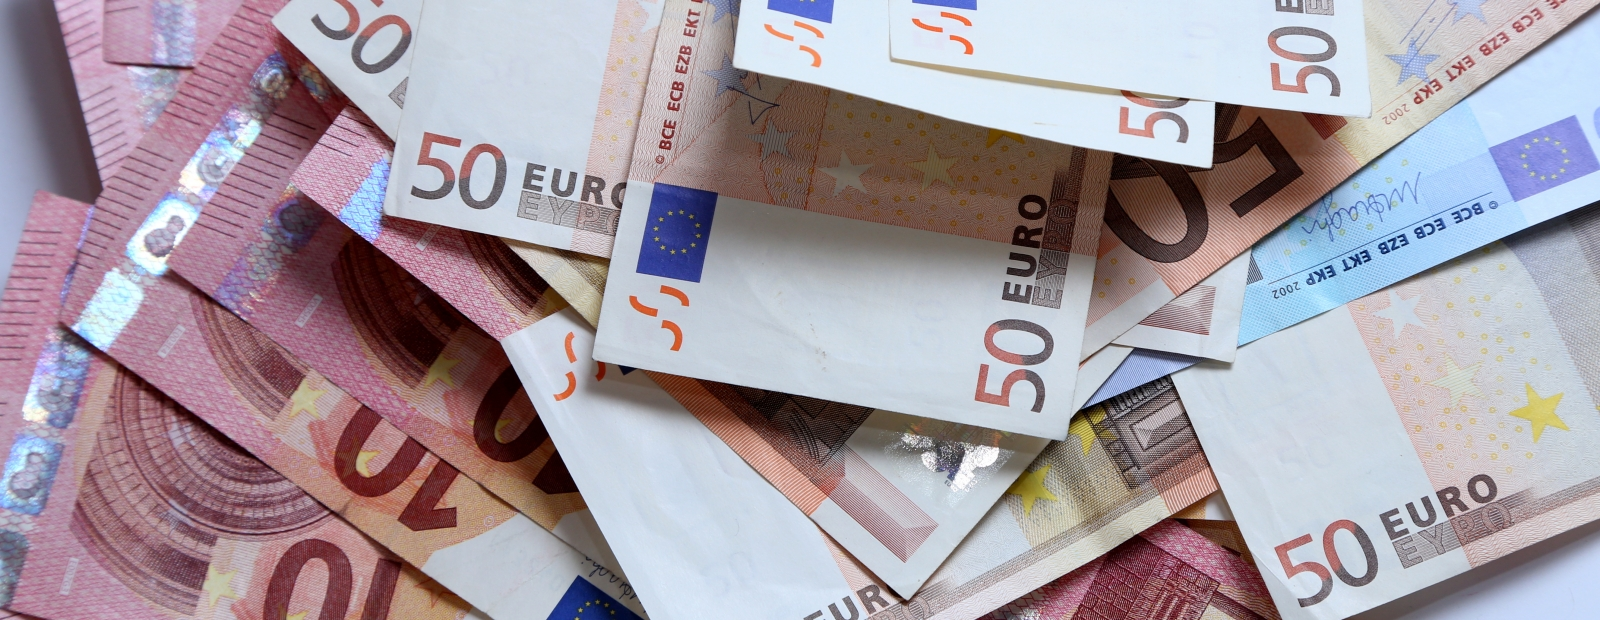 viegli nauda pārskata ieņēmumus